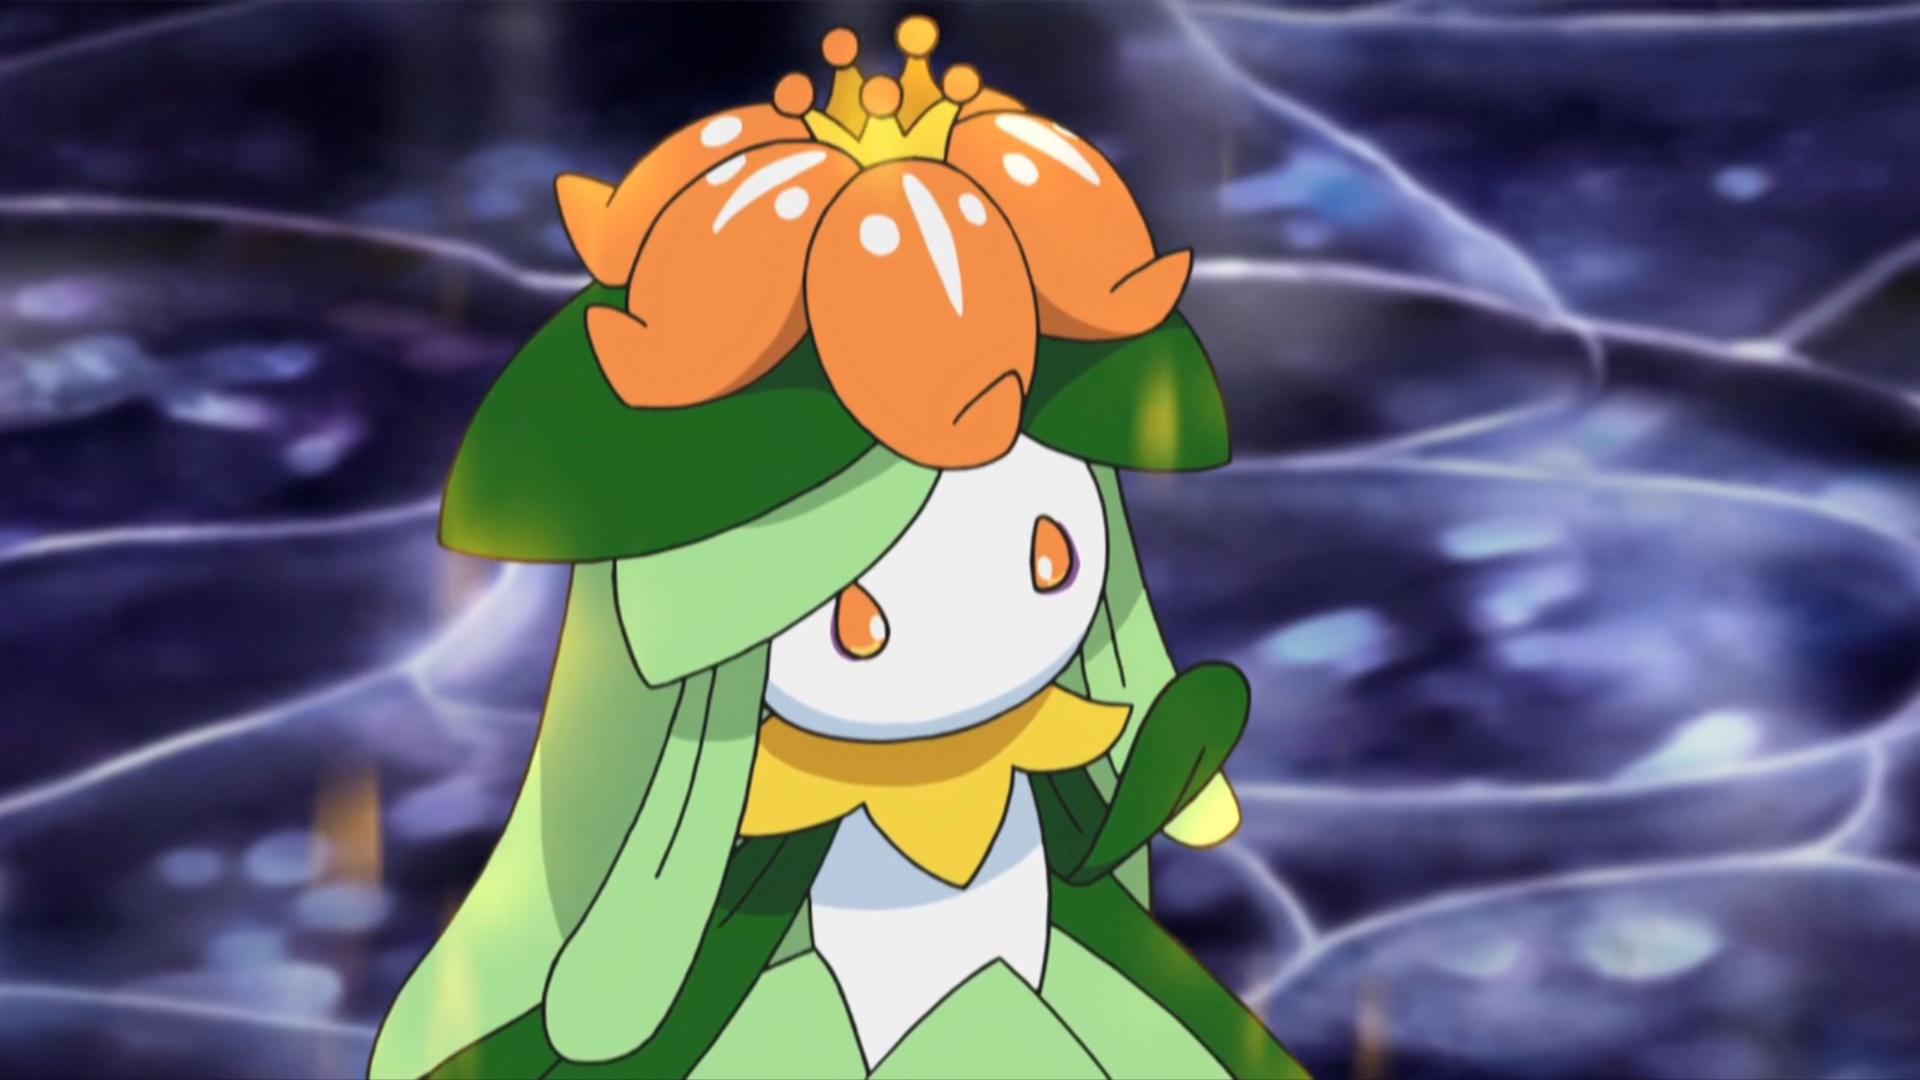 lusamine anime pokémon wiki fandom powered by wikia